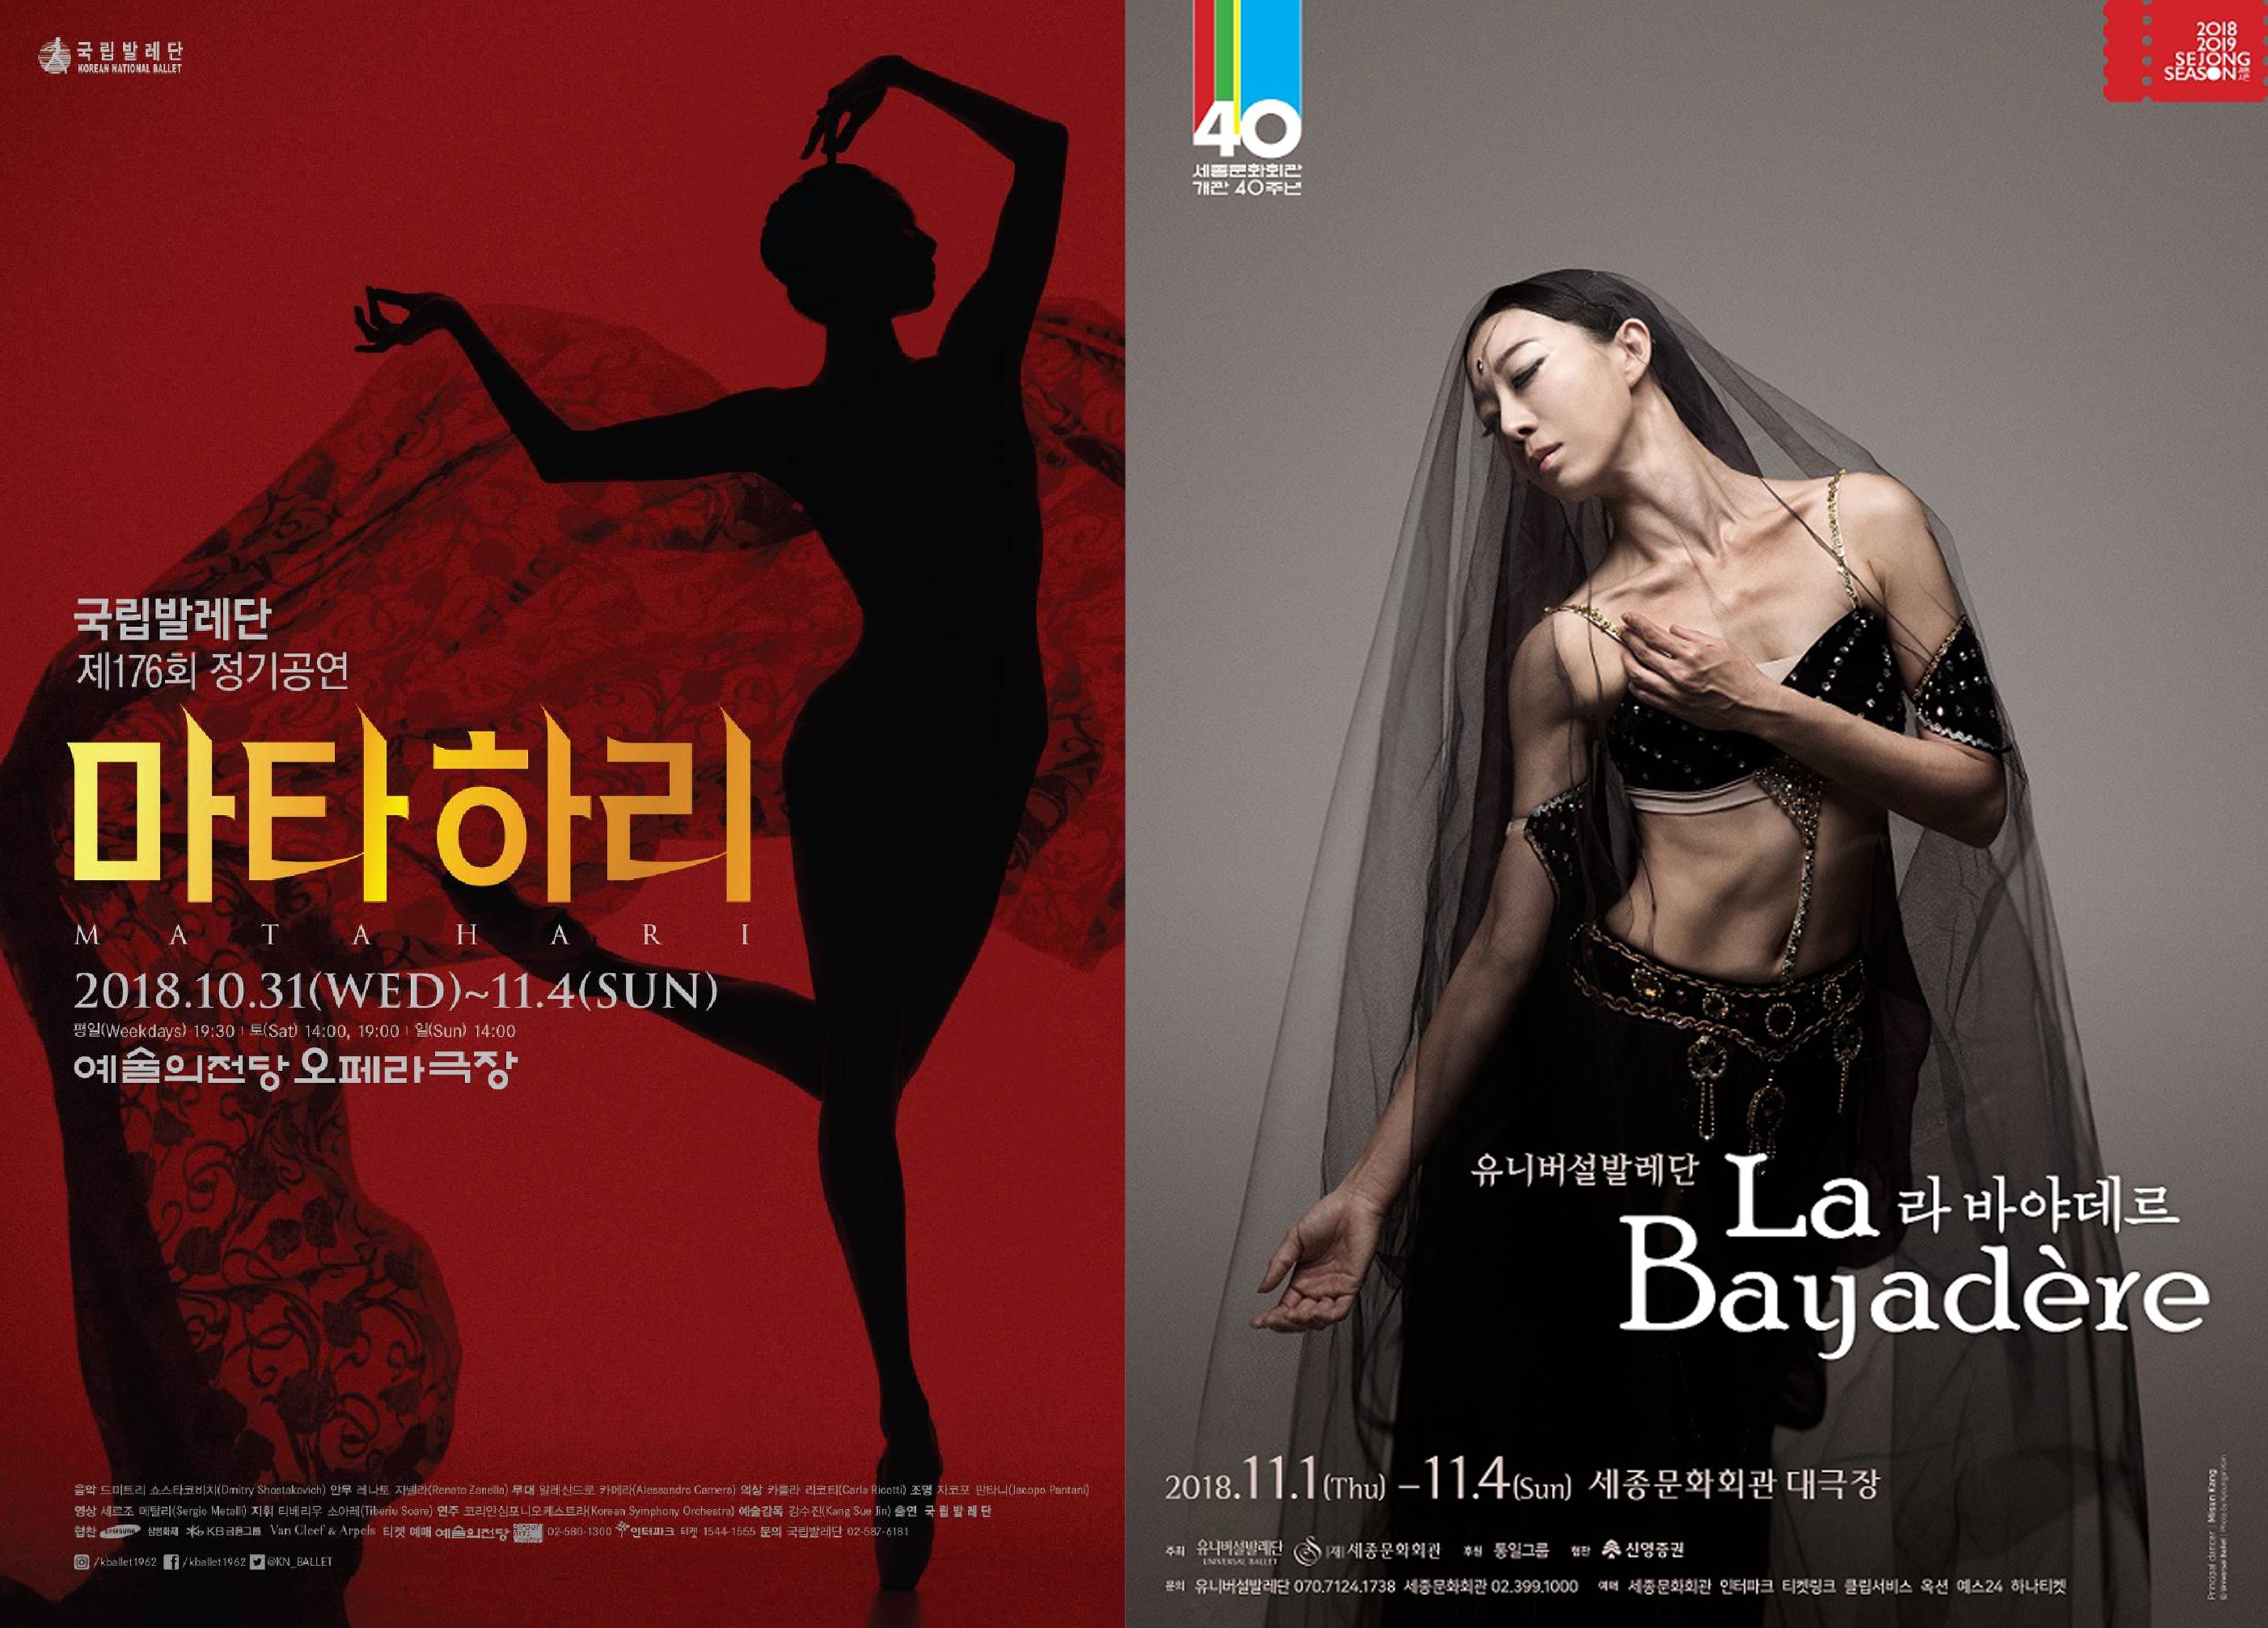 [공연] 발레 팬을 행복한 고민. <마타 하리>와 〈라 바야데르> 같은 시기 무대에 올라..